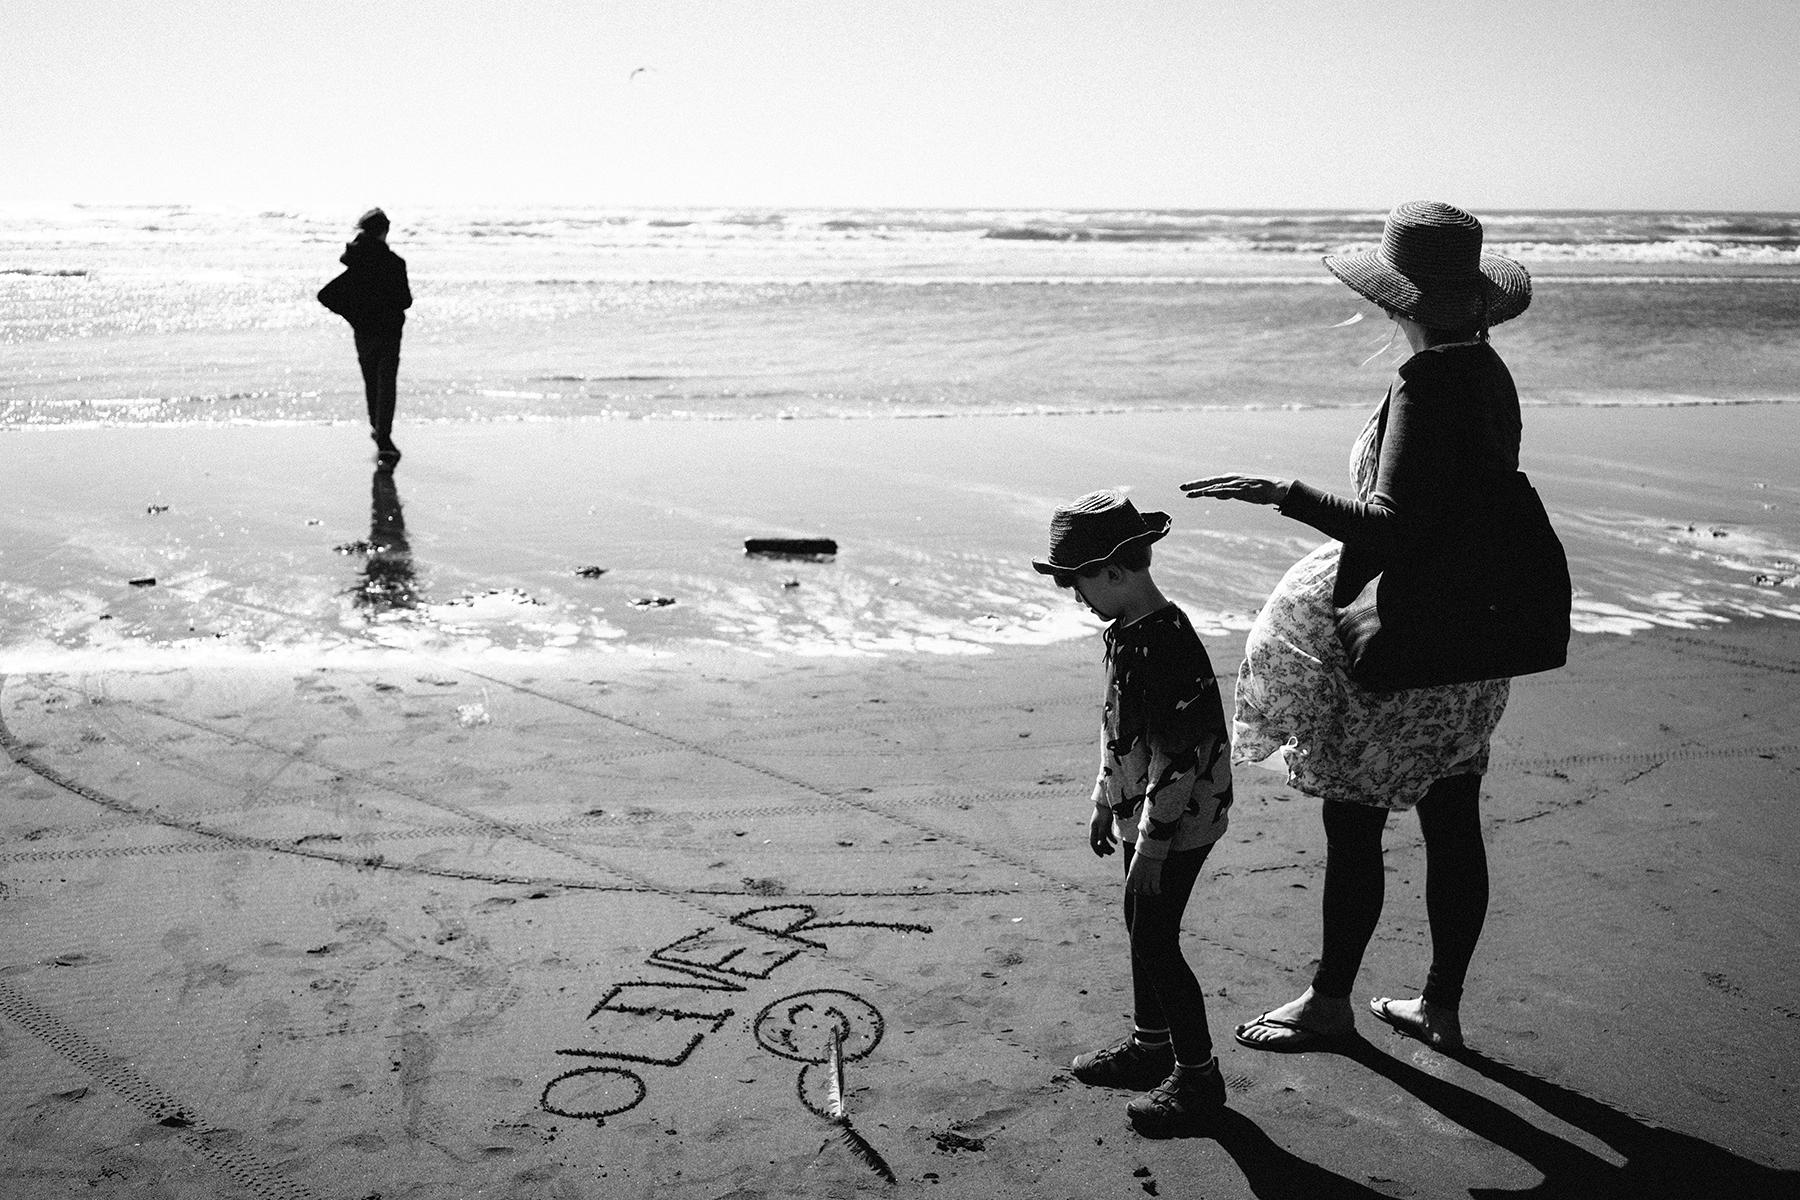 Ocean Shores, WA